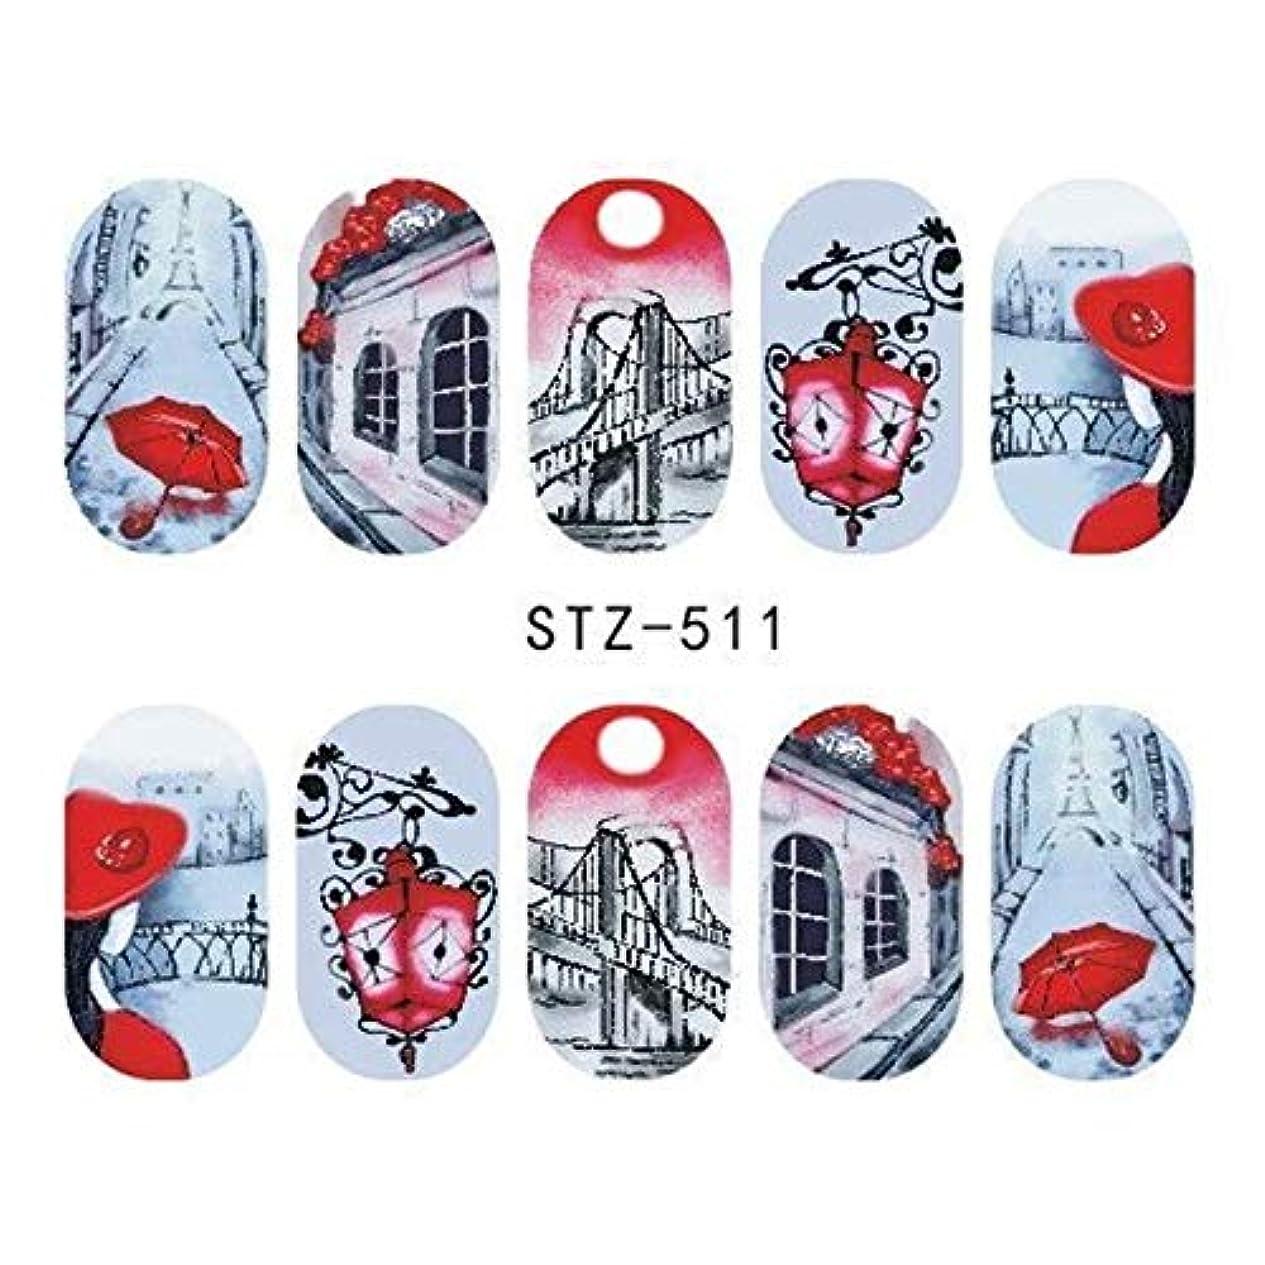 足チューインガム接続手足ビューティーケア 3個DIYのファッション水転写アートデカールネイルステッカー(STZ500) (色 : STZ511)